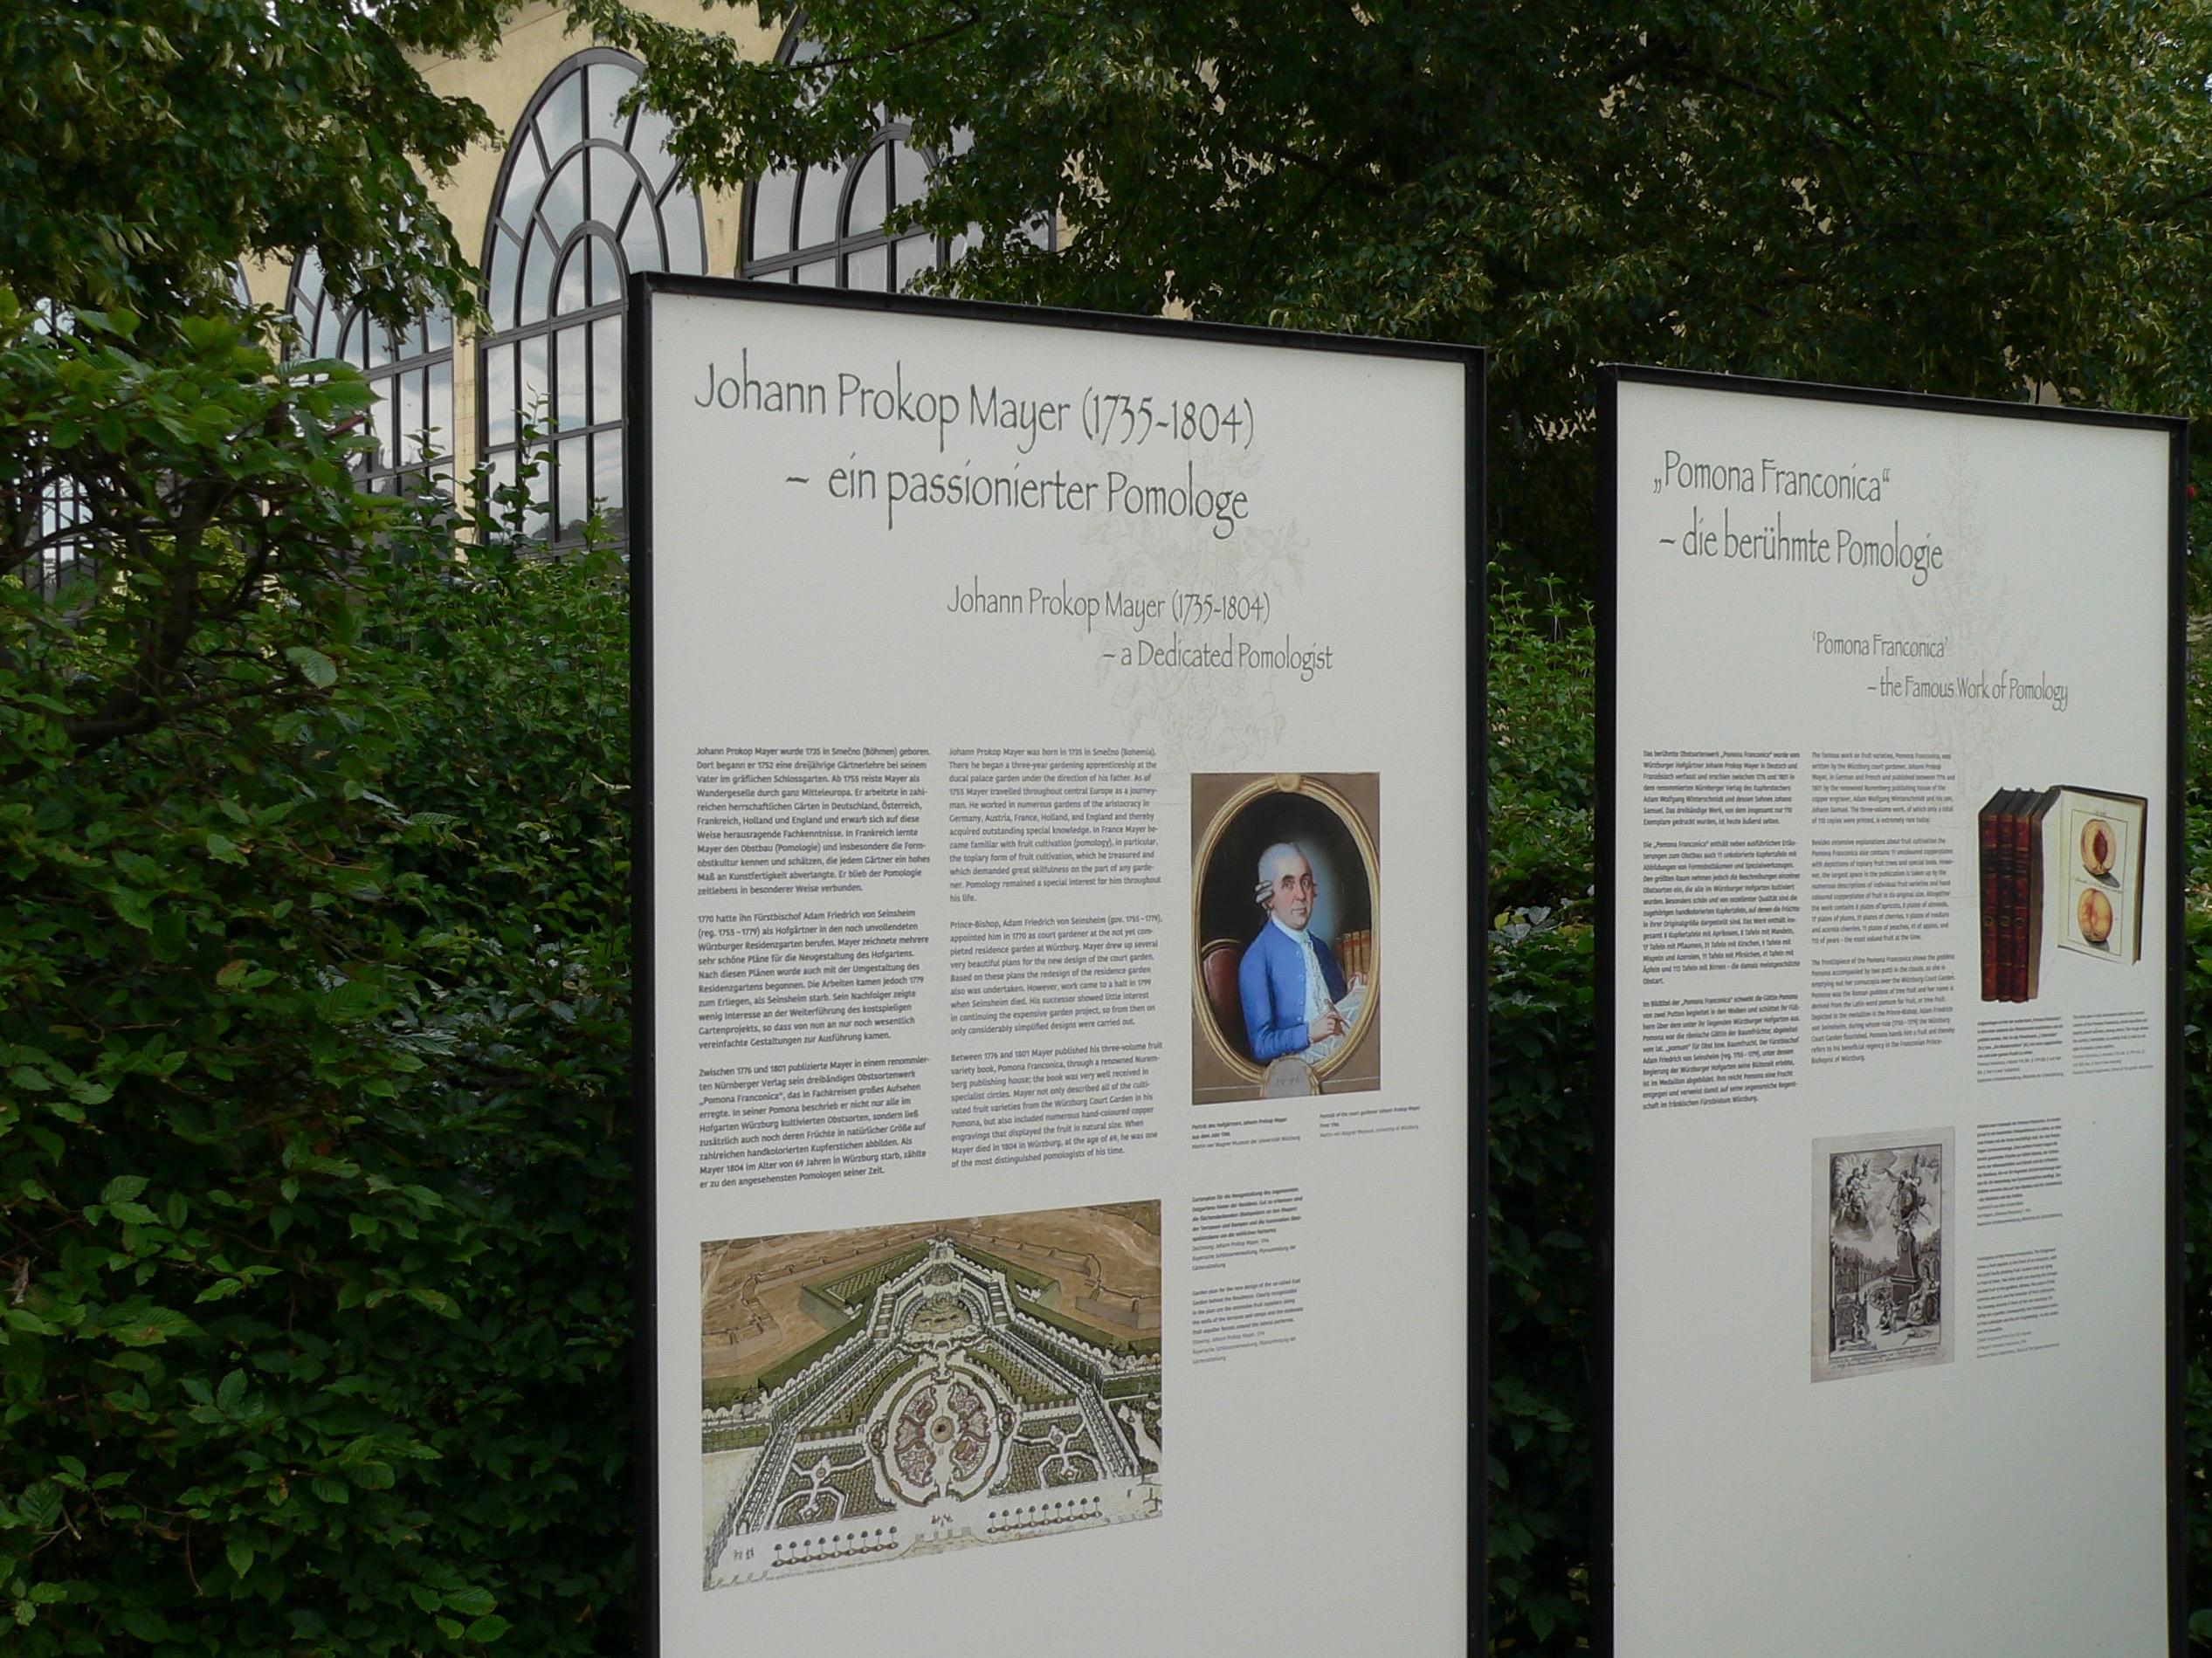 Der Hofgärtner Johann Prokop Mayer verfasste ein dreibändiges Fachbuch zum Obstbau. | Foto: B. Schneider